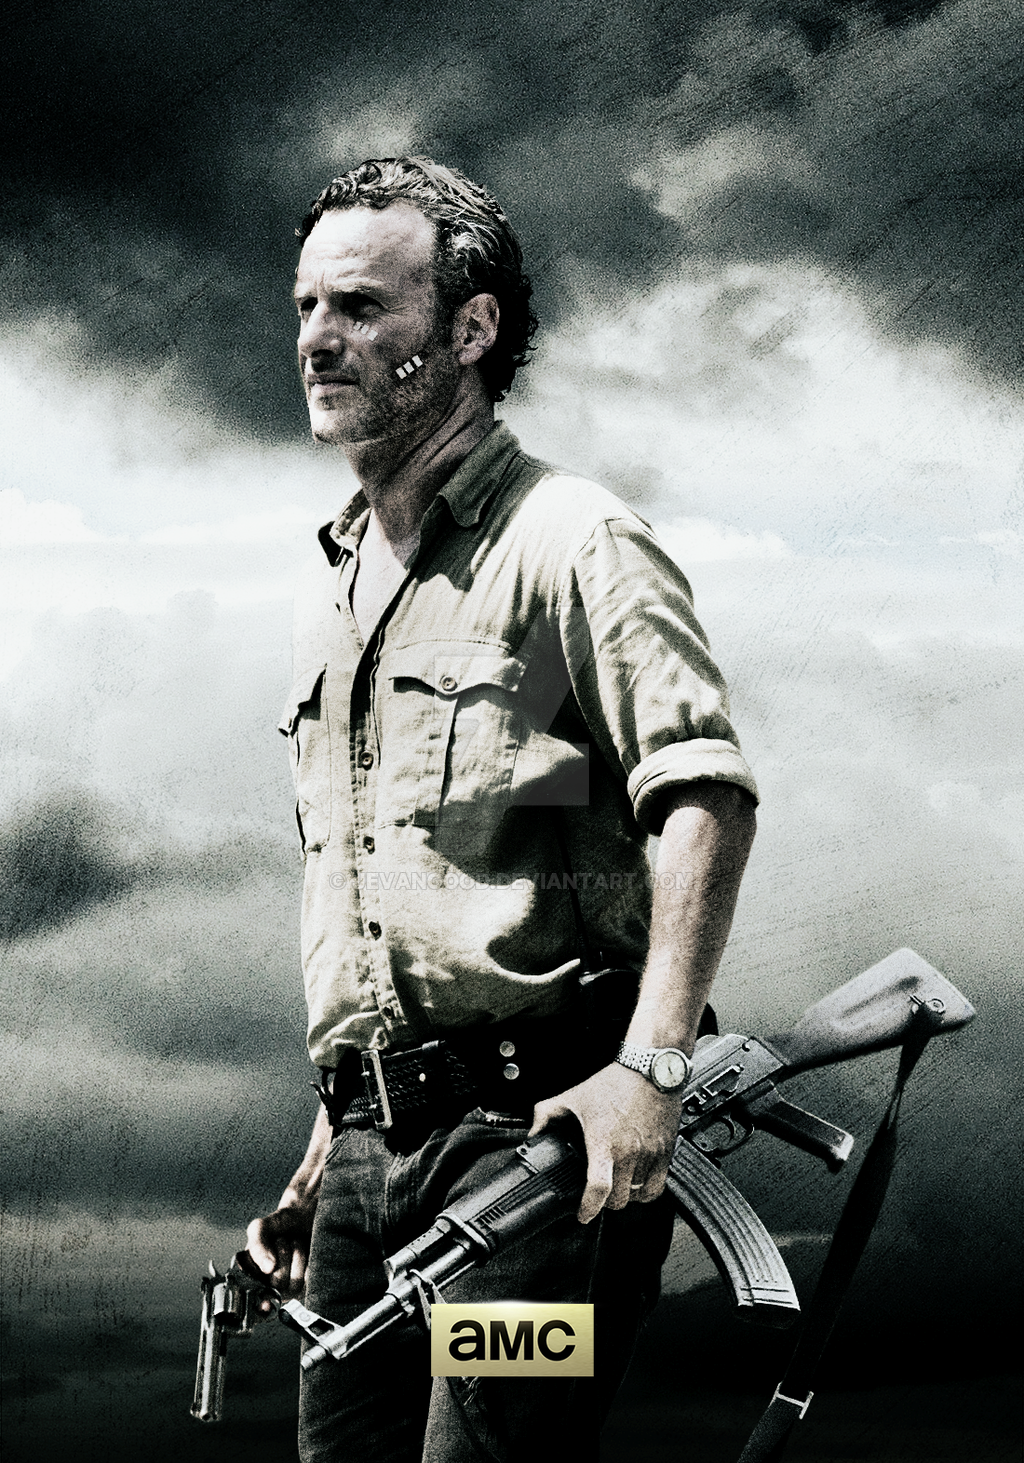 Walking Dead Season 6 Wallpaper Iphone